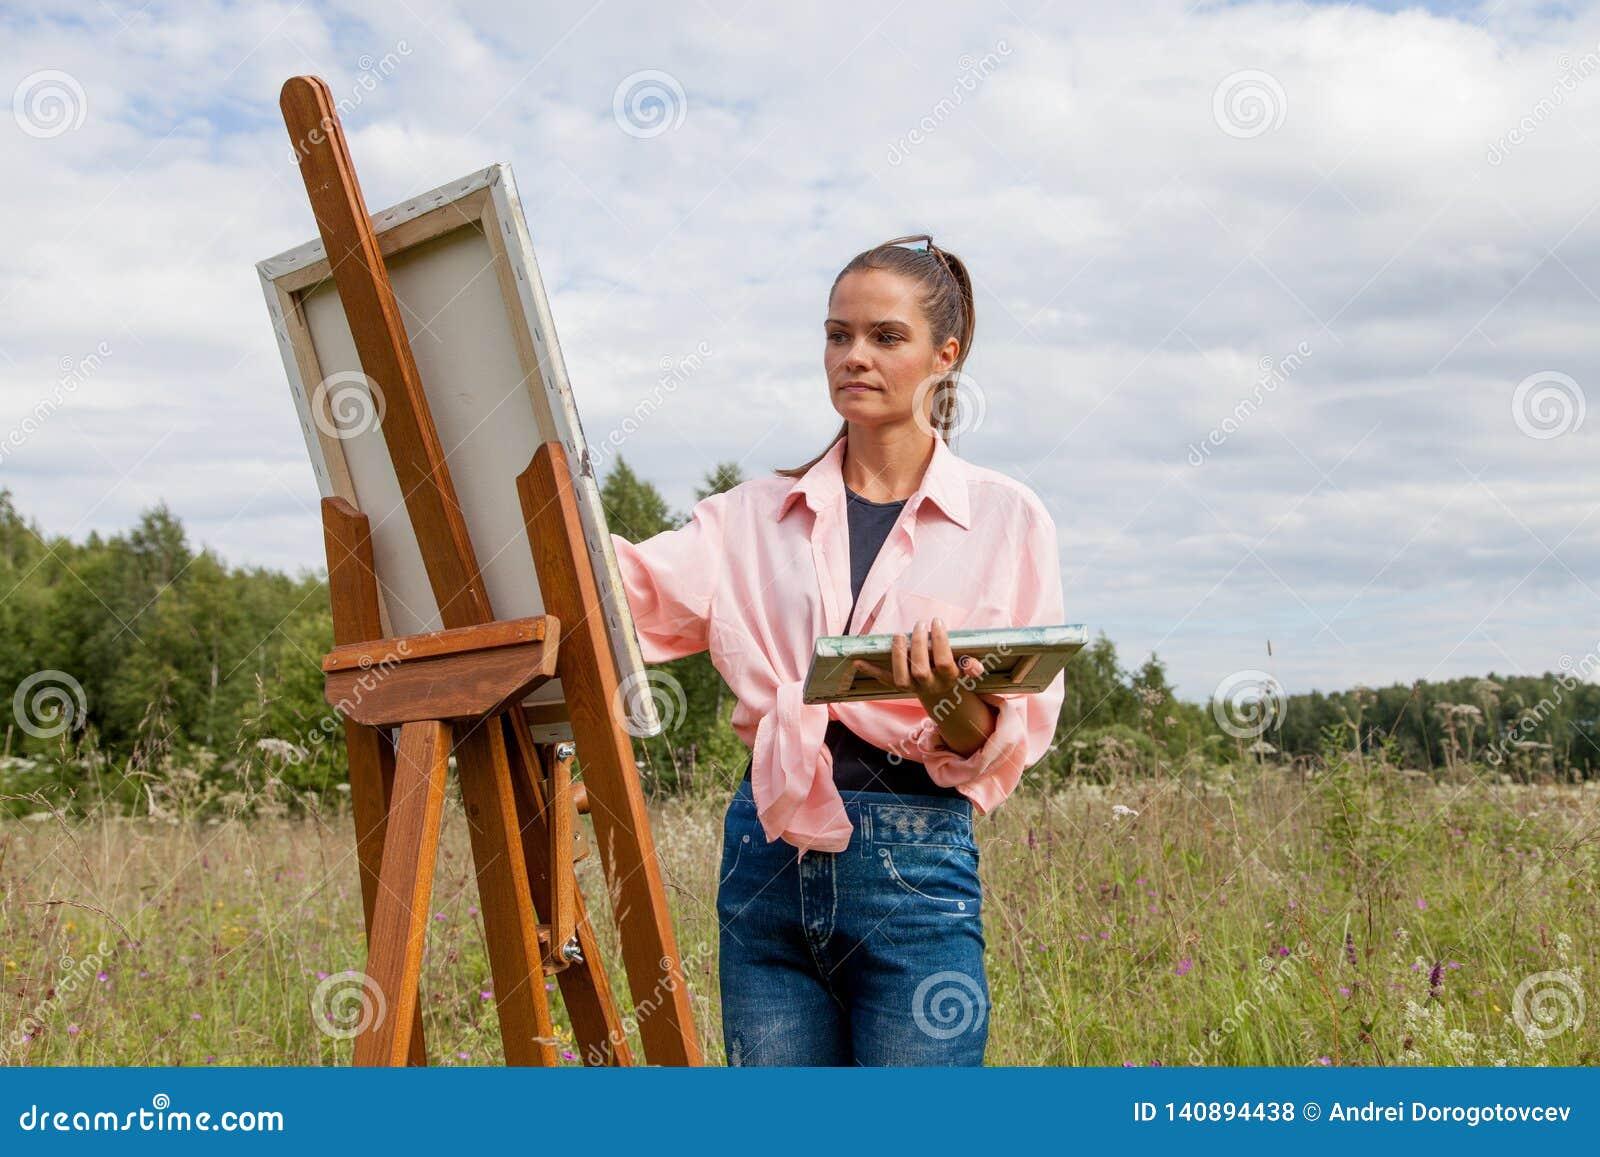 Der Künstler malt ein Bild auf dem Gebiet